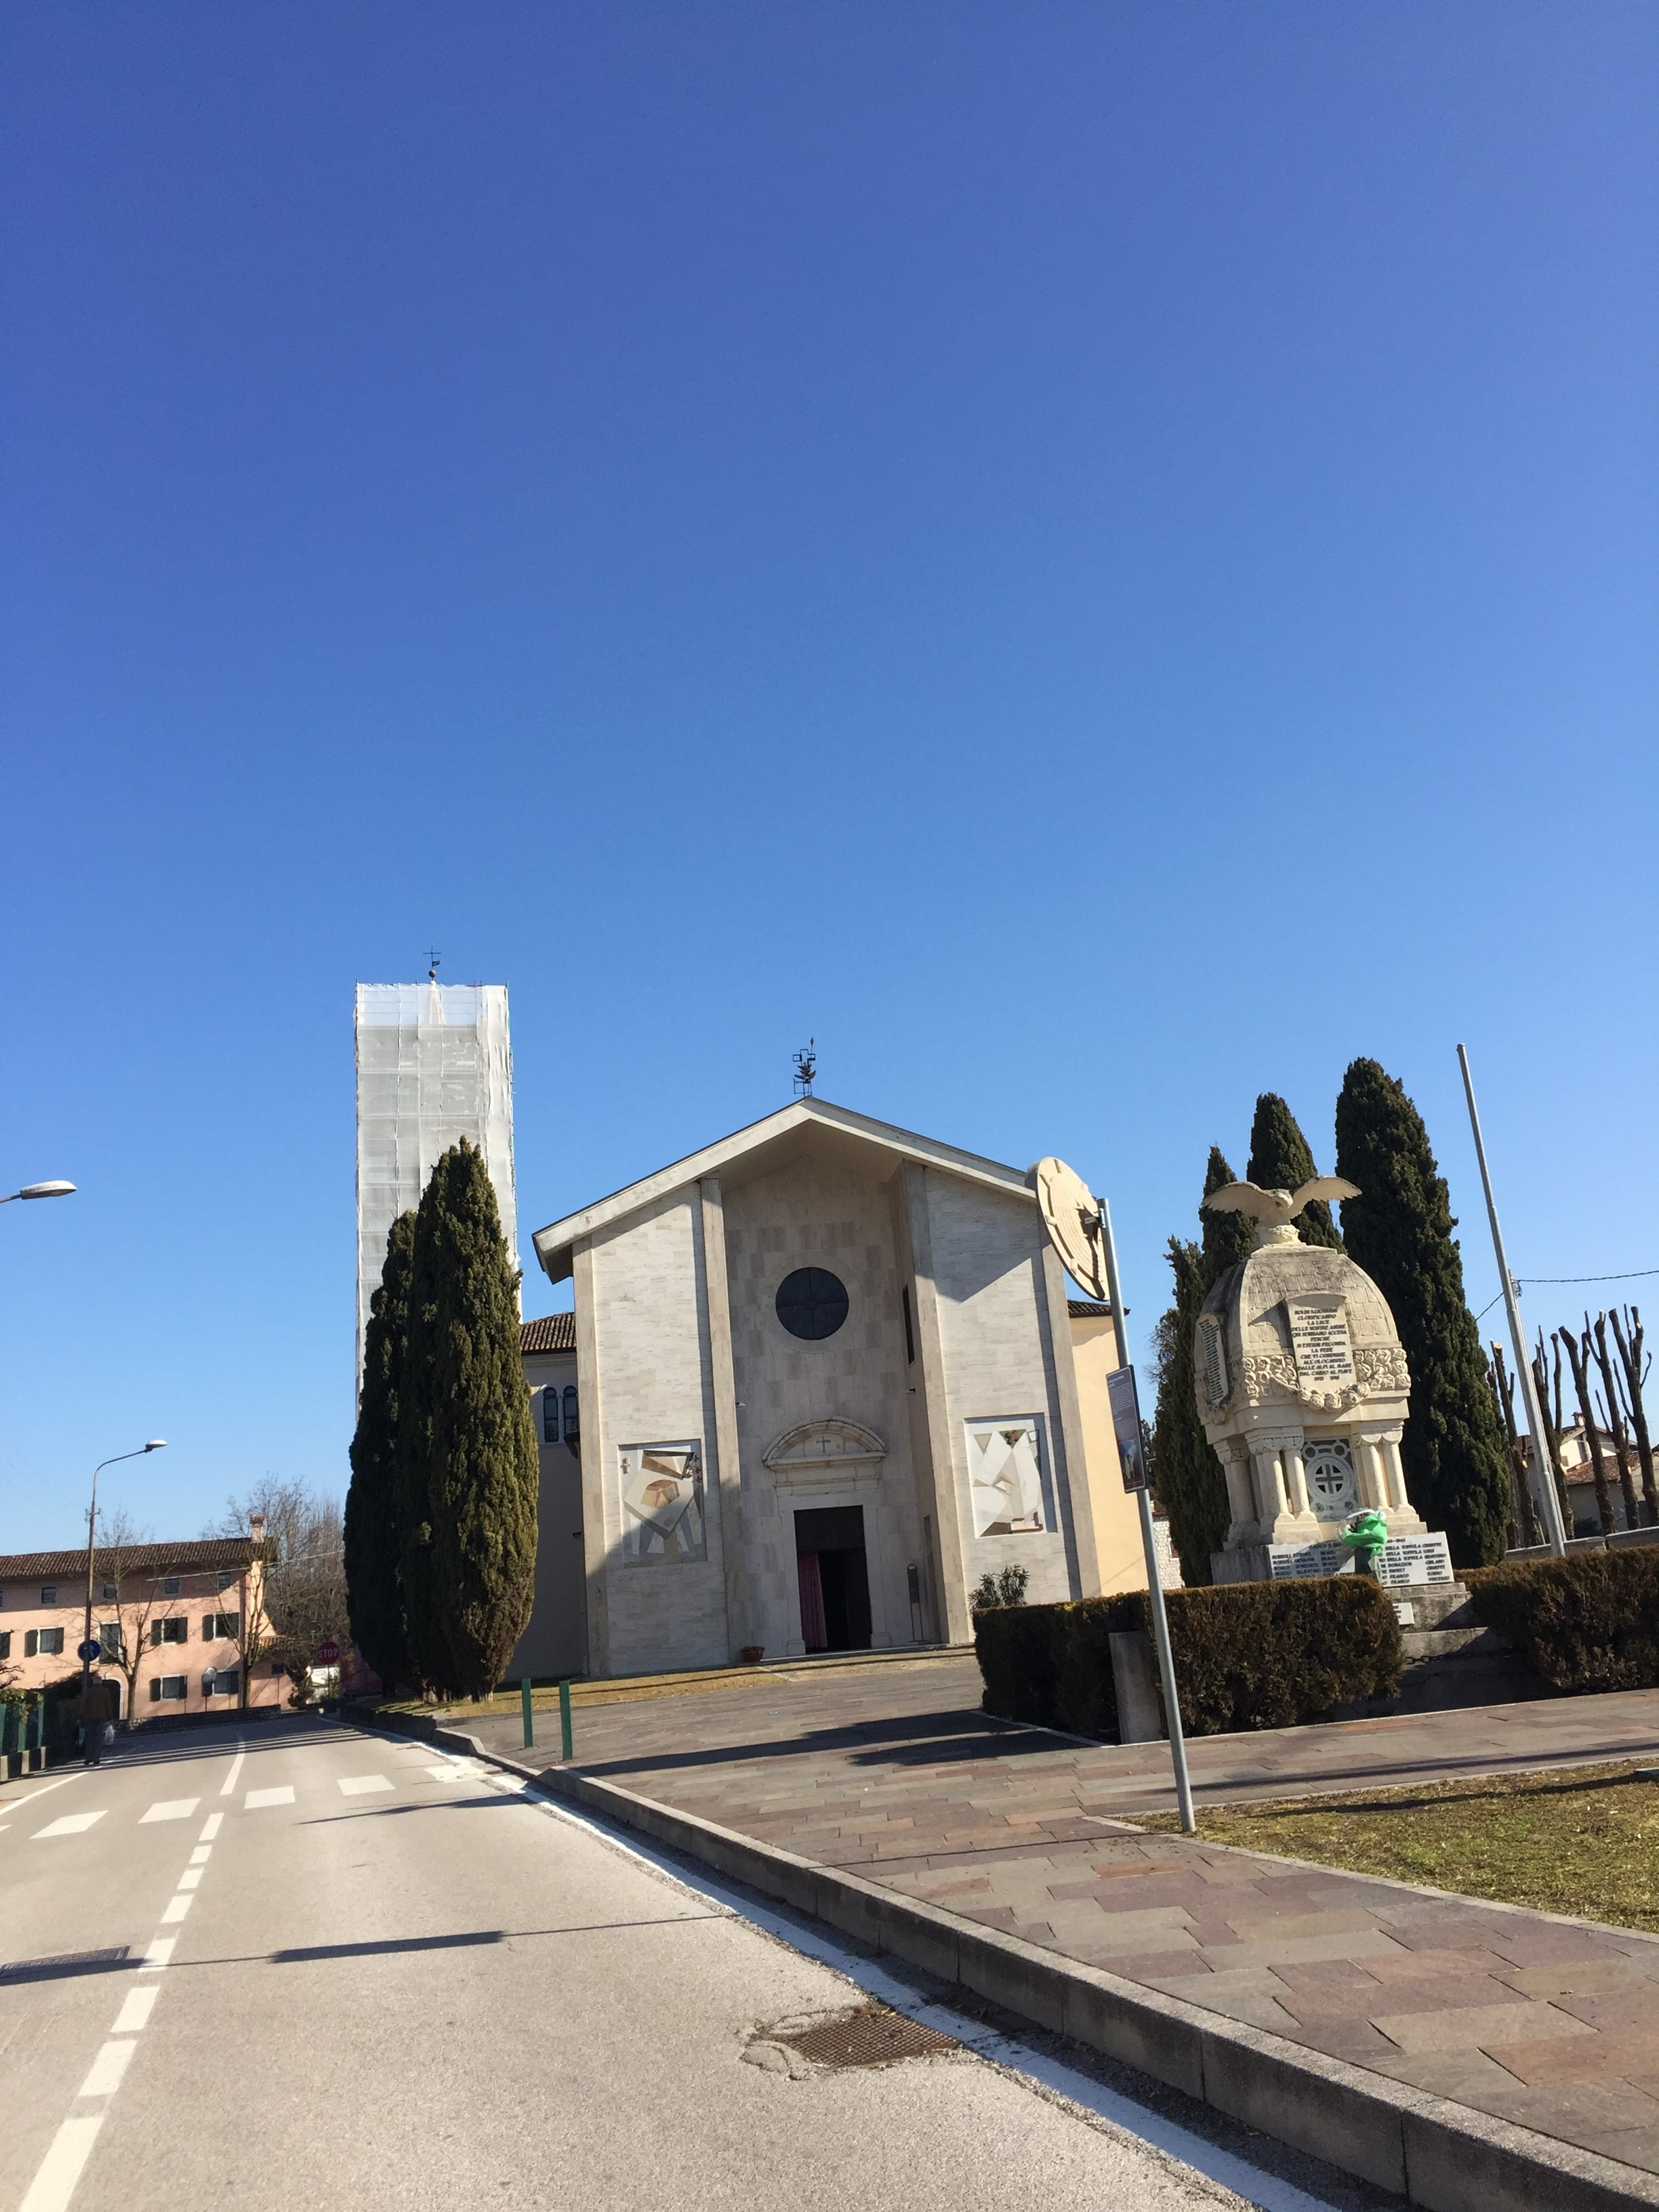 Offerte Lavoro Architetto Treviso i migliori 41 architetti a treviso (con preventivi gratuiti)